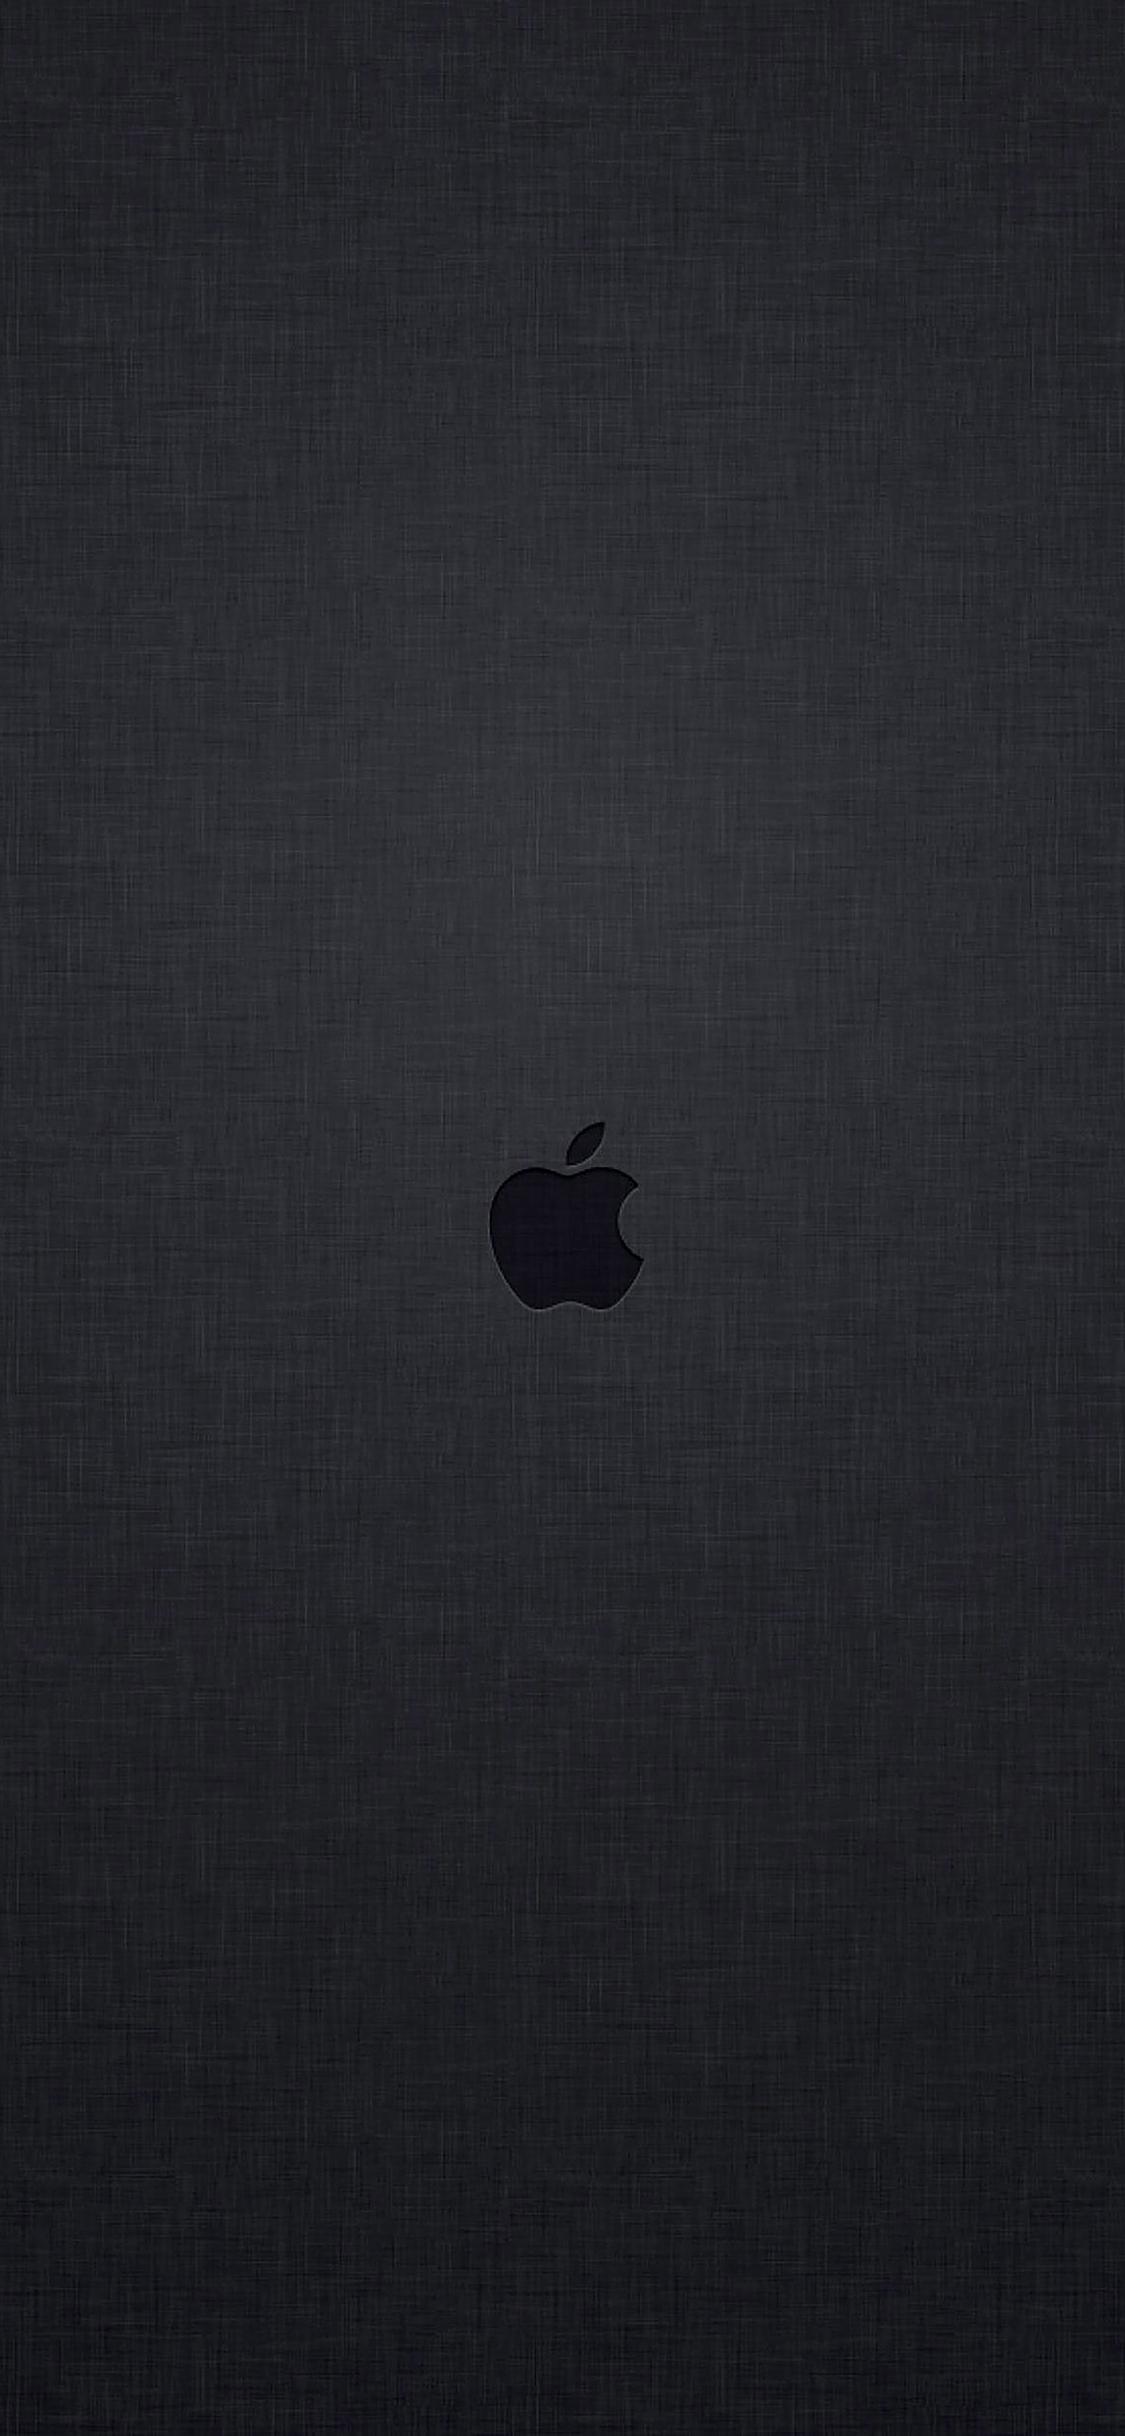 Ab28 Wallpaper Tiny Apple Logo Dark Wallpaper